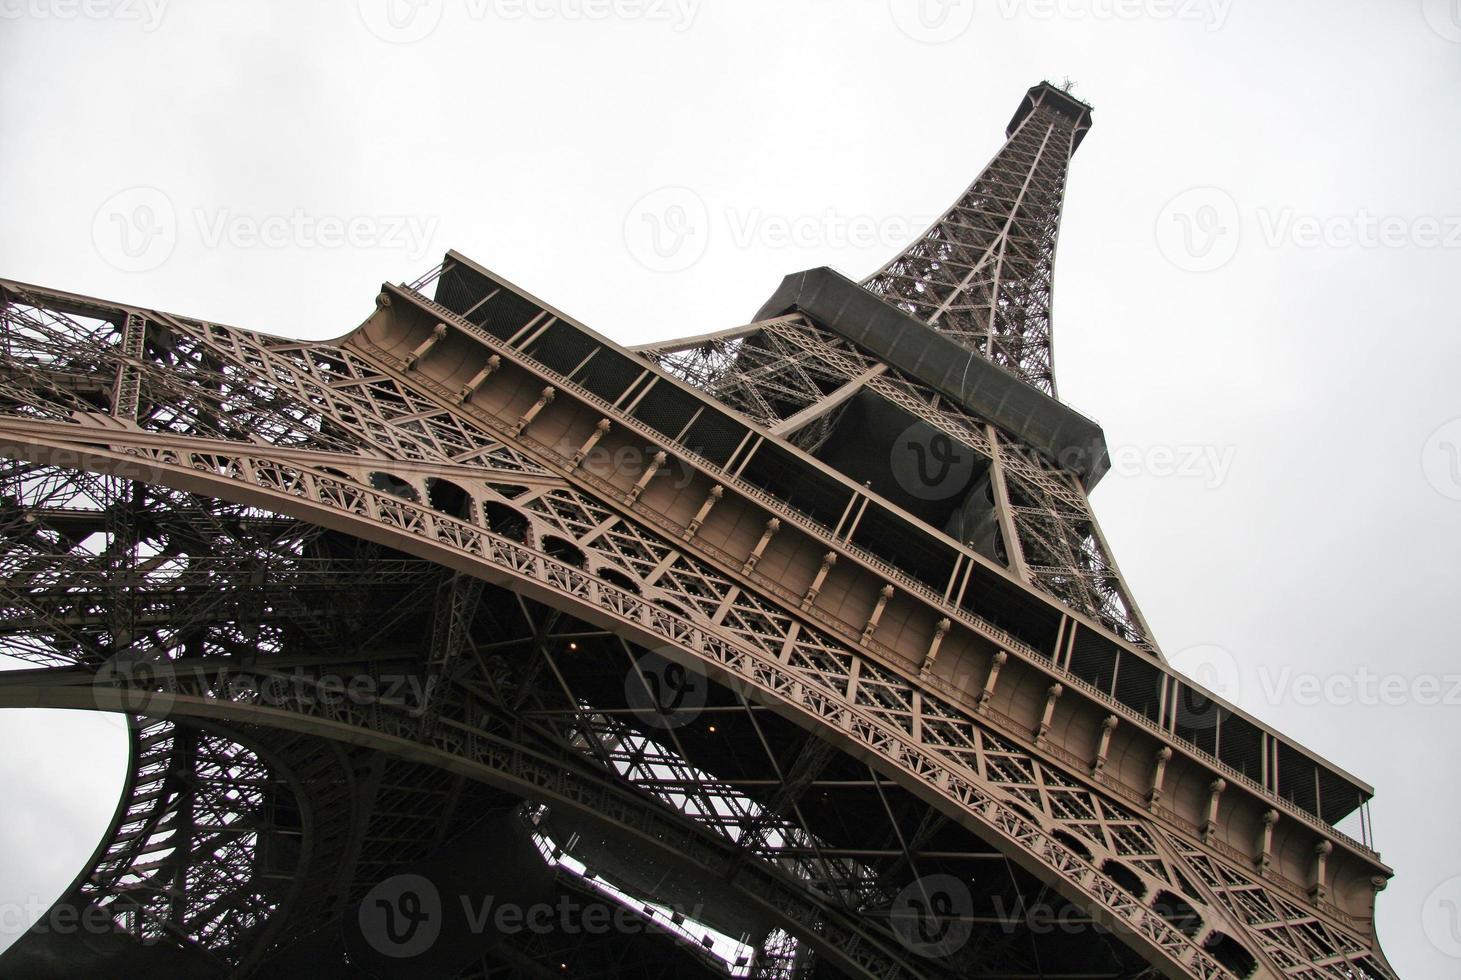 Parijs, Frankrijk. Eiffeltoren uitzicht vanaf de onderkant foto